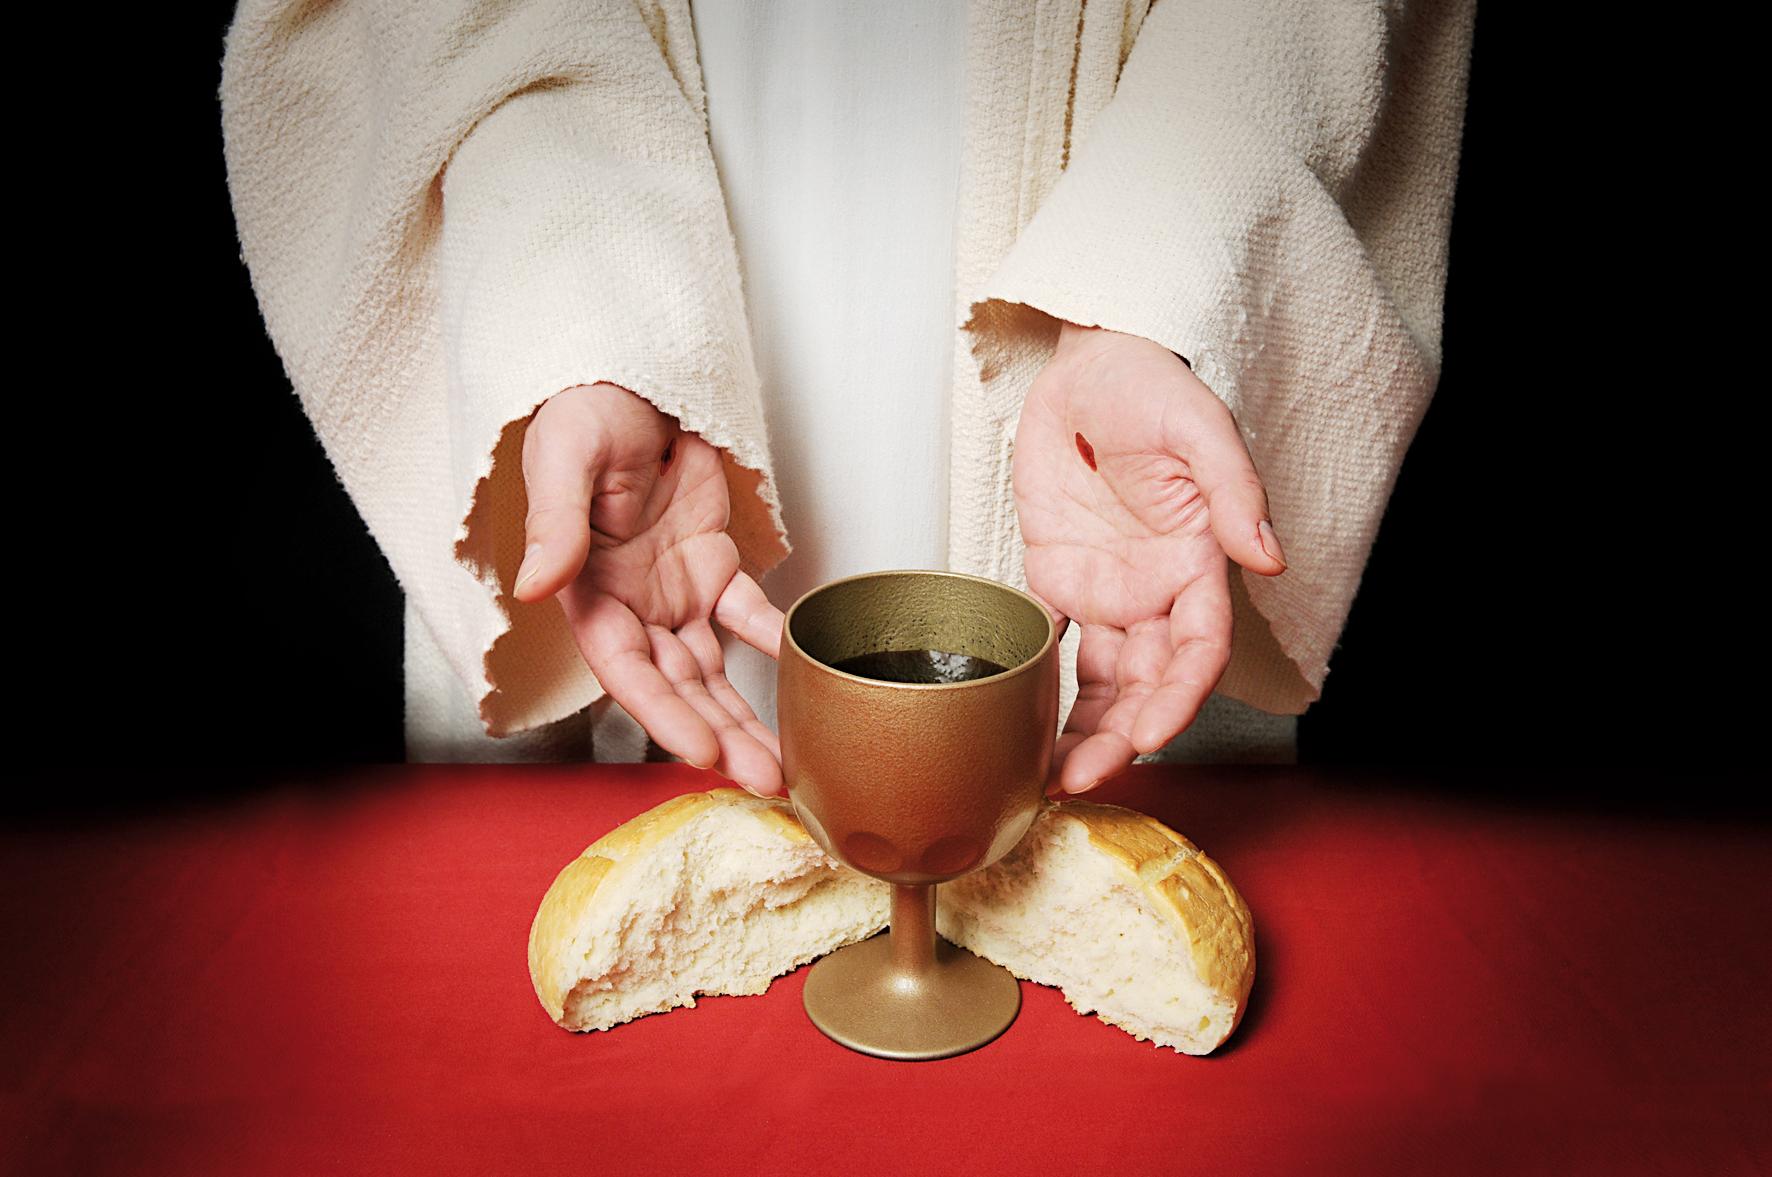 L'alleanza del Sangue di Cristo ci conduce nel mistero